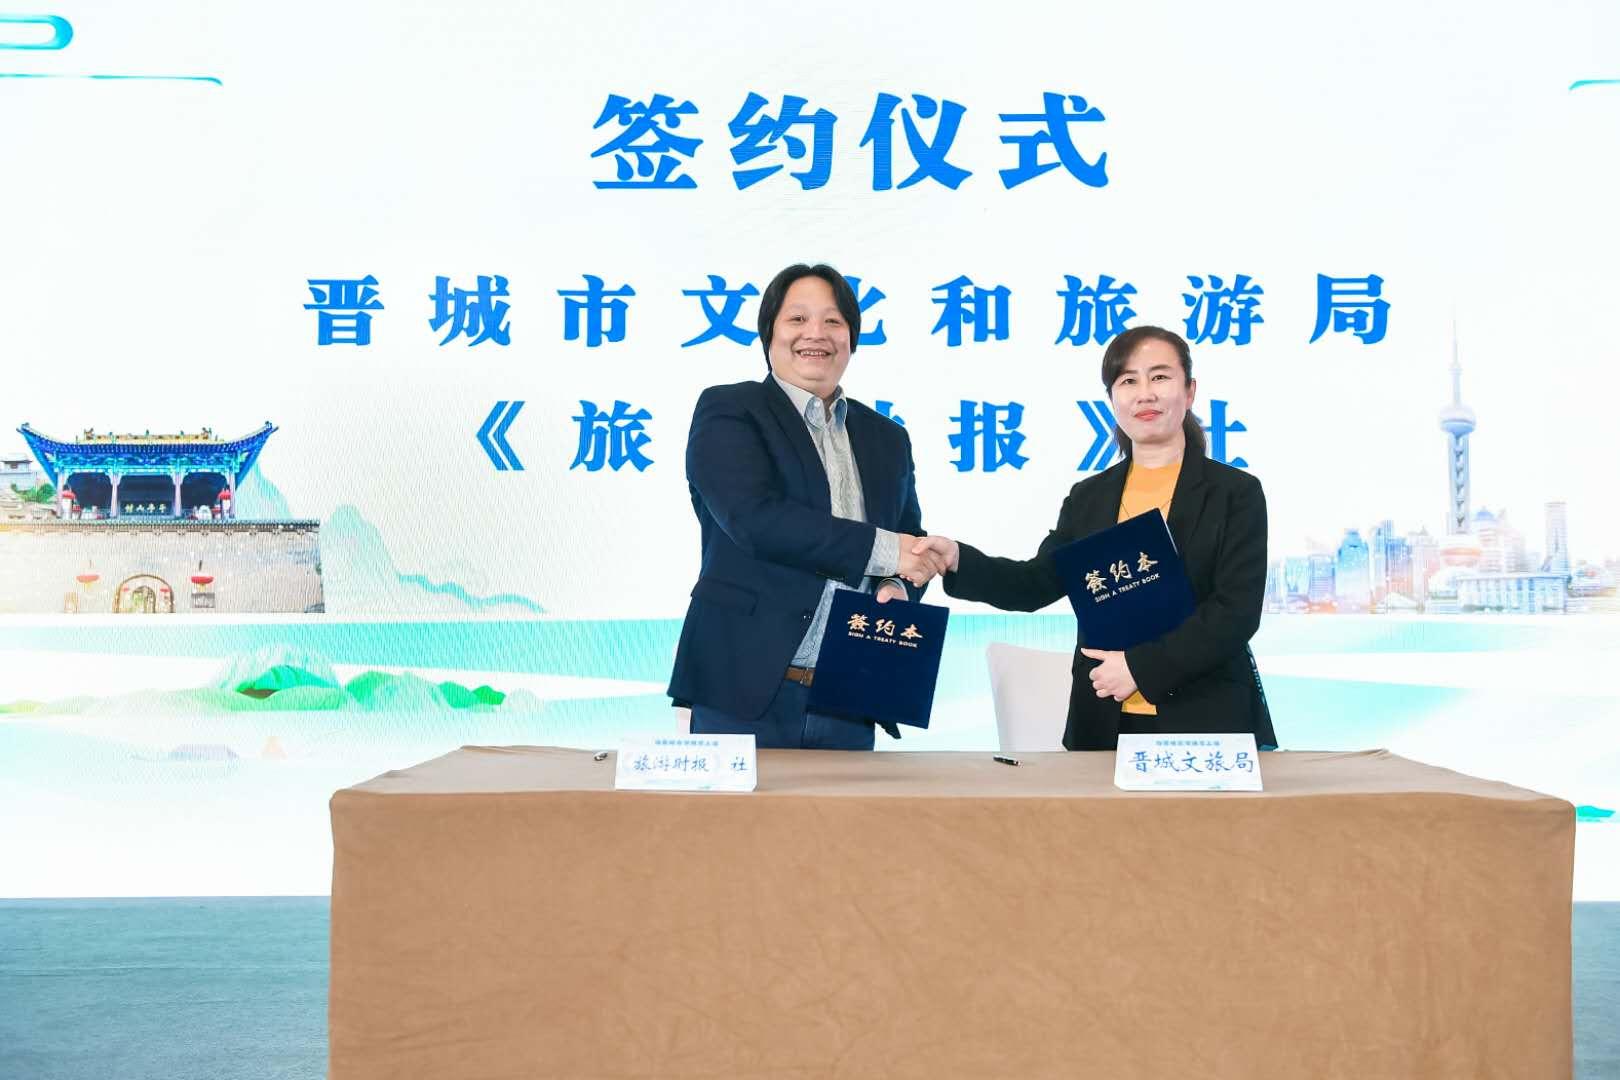 古堡遇见繁华都市2020晋城古堡主题游(上海)推介会举行